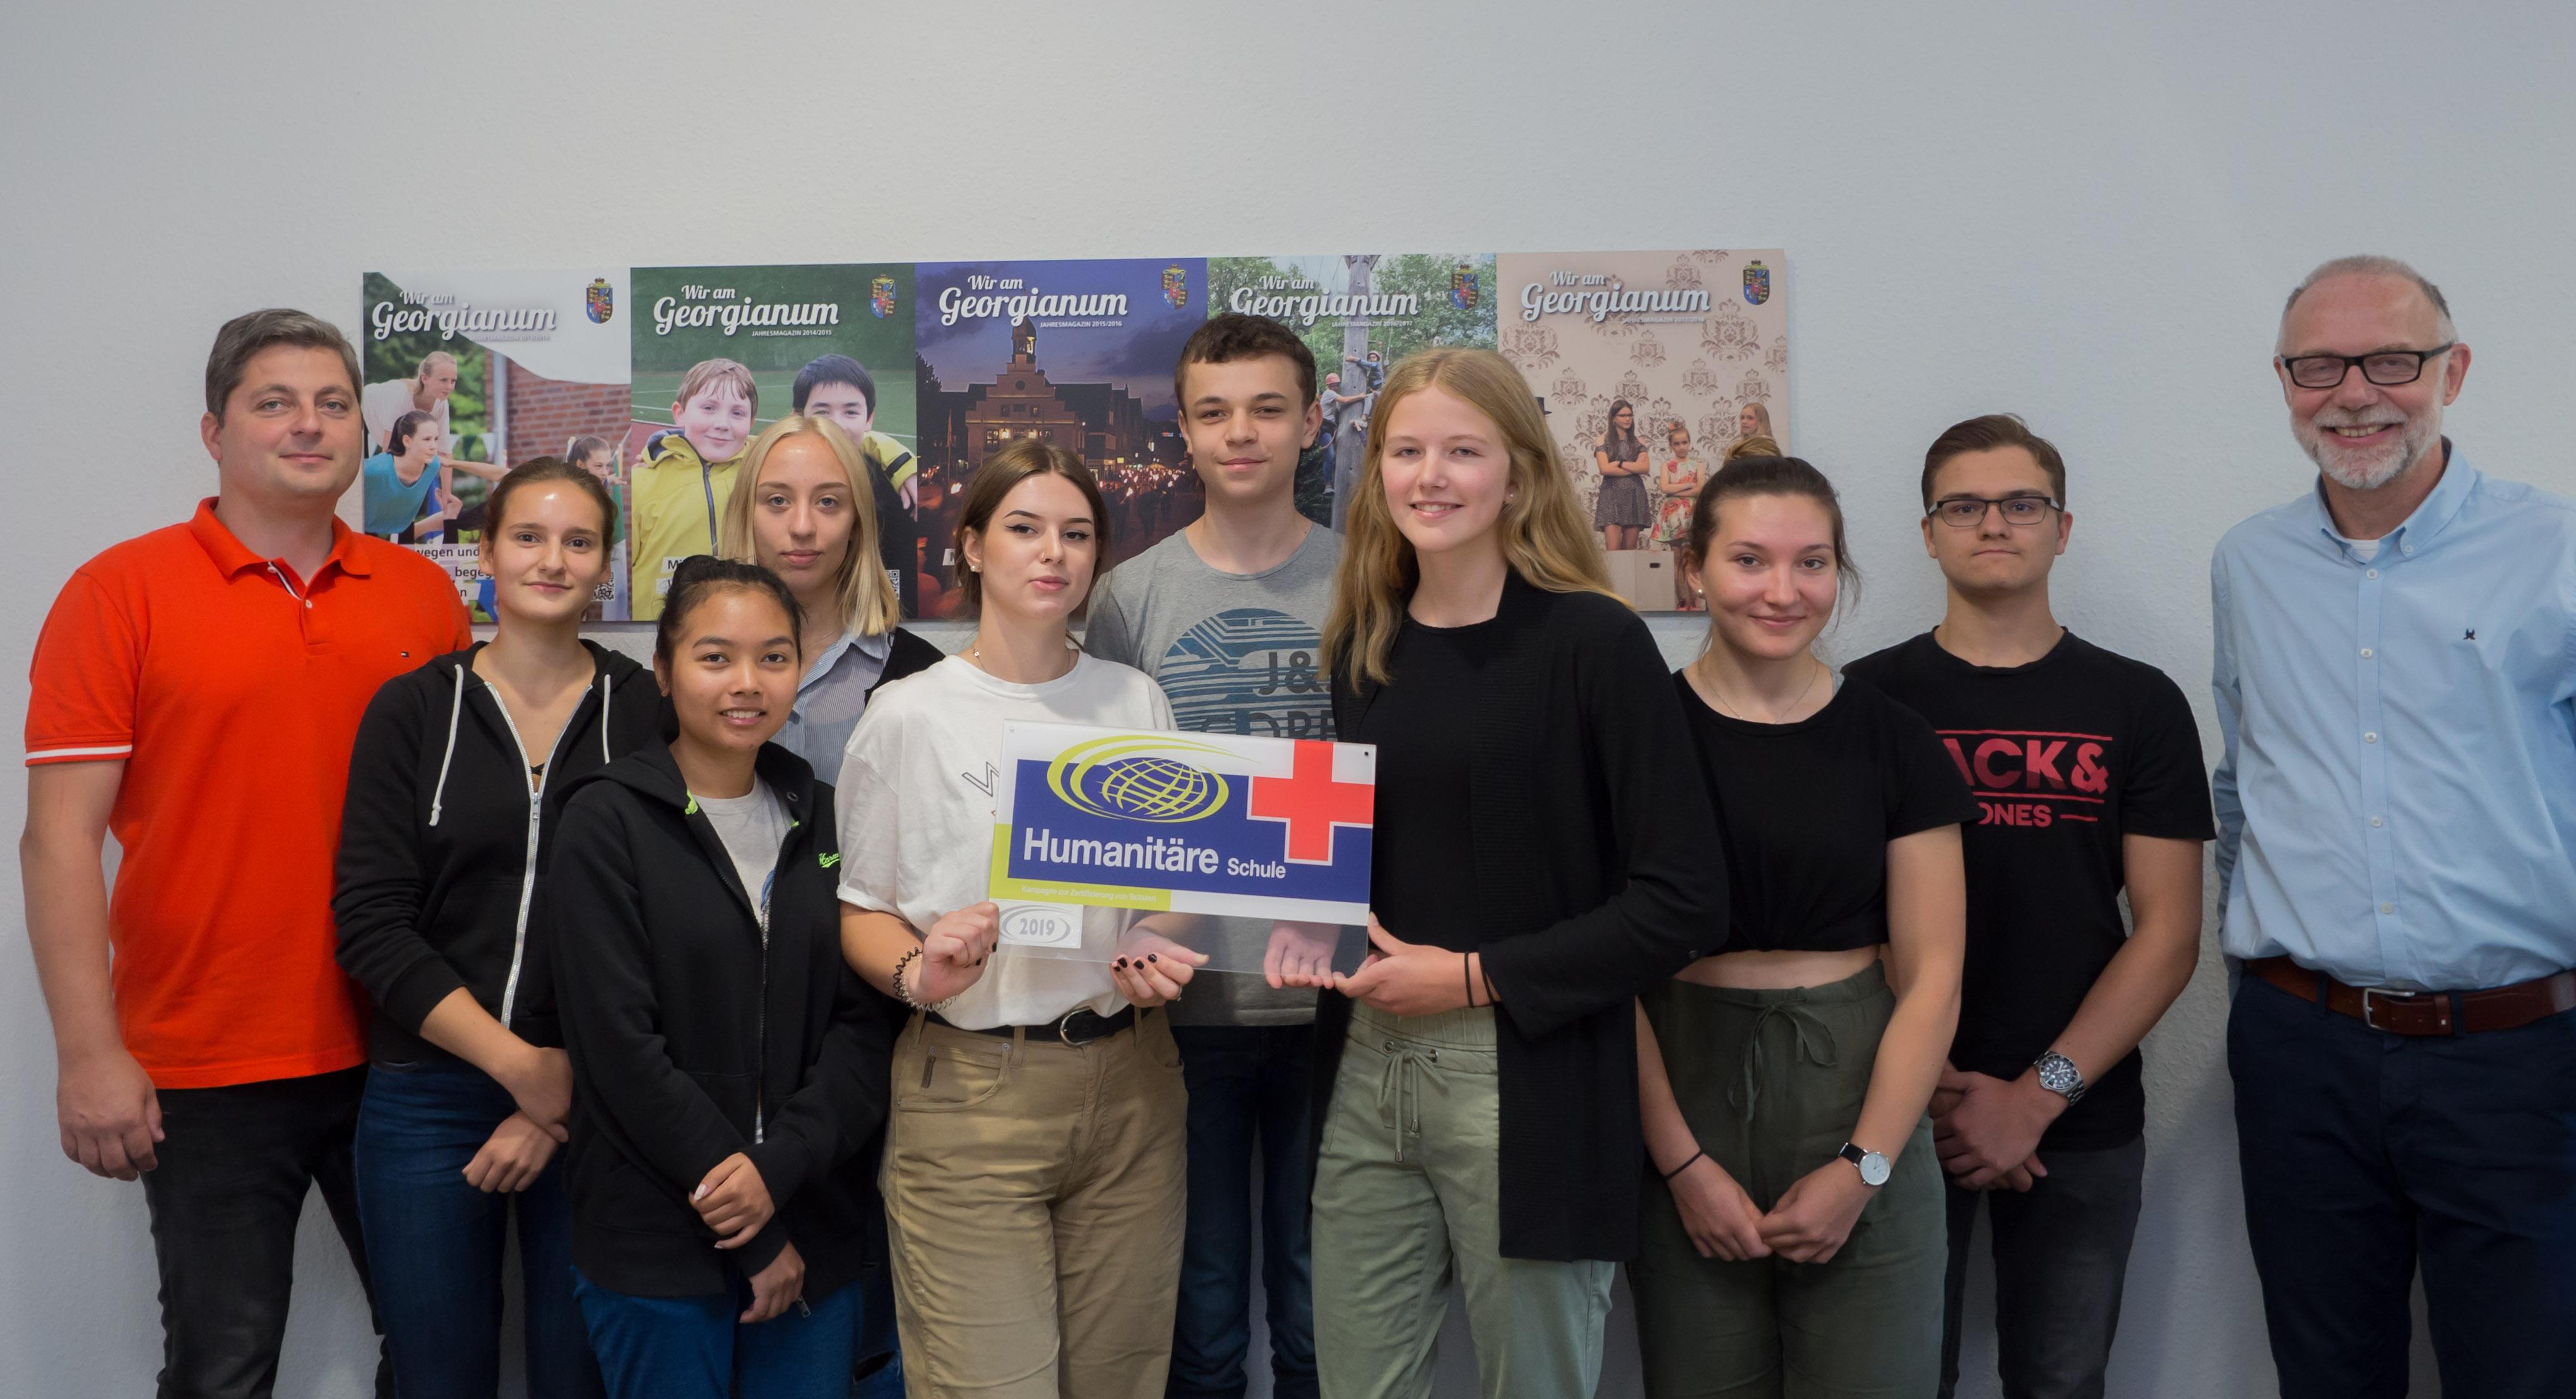 """Georgianum erstmals als """"Humanitäre Schule"""" zertifiziert"""